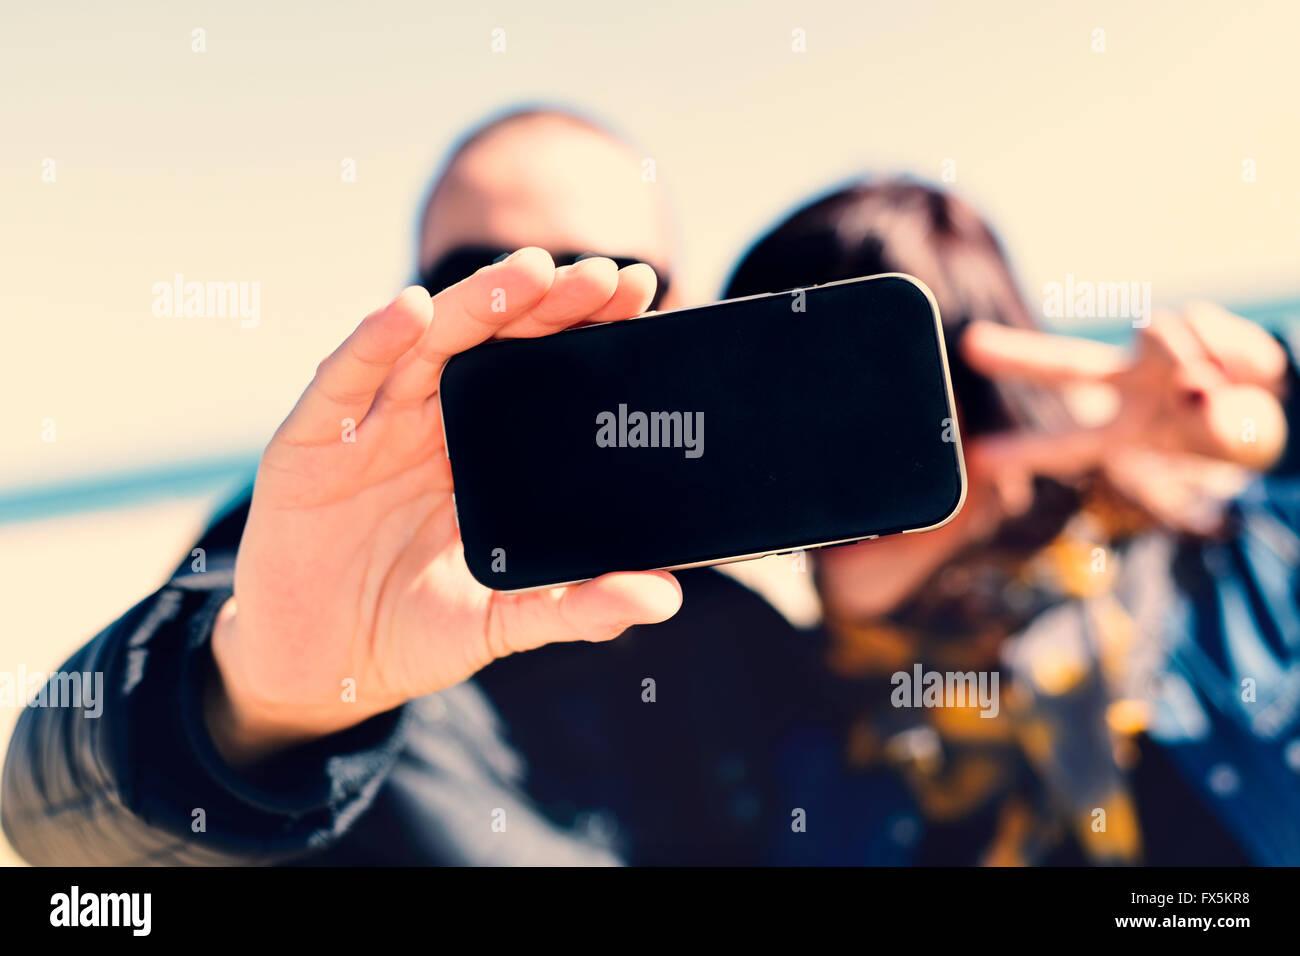 Primer plano de un joven y una joven teniendo un autorretrato con un smartphone mientras ella está haciendo Imagen De Stock